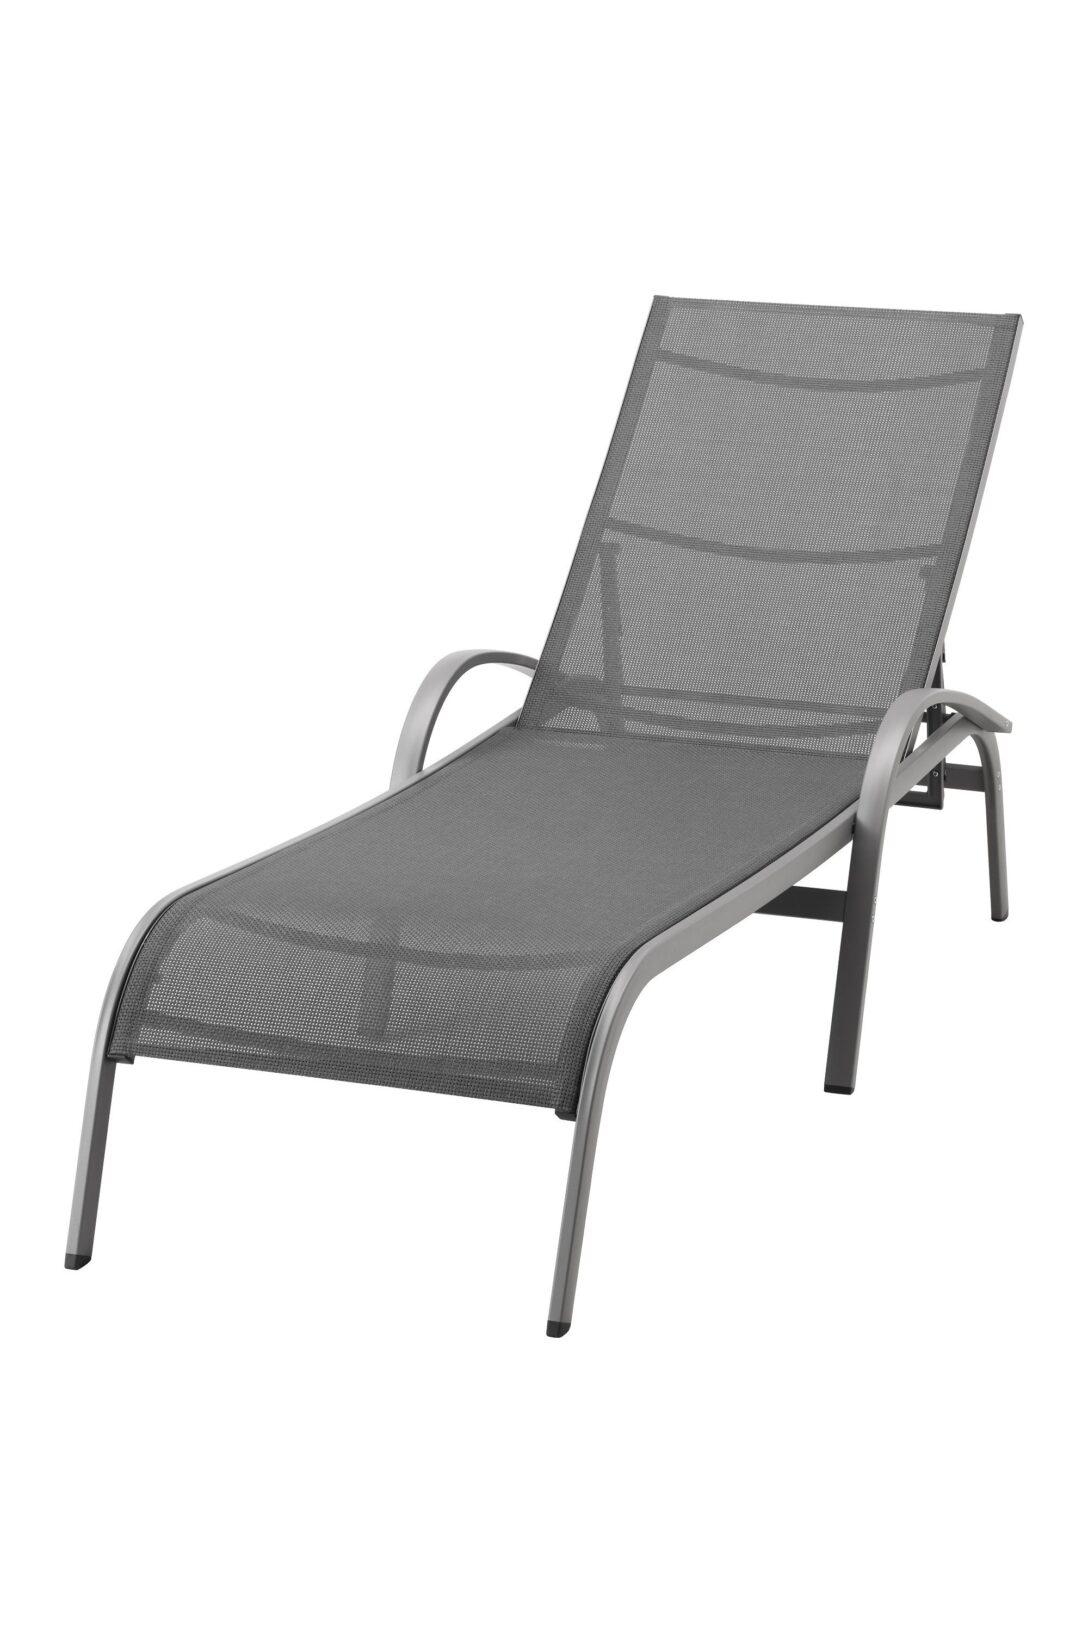 Large Size of Ikea Gartenliege Rattan Gebraucht Klappbar Sonnenliege Küche Kaufen Modulküche Betten 160x200 Bei Miniküche Kosten Sofa Mit Schlaffunktion Wohnzimmer Gartenliege Ikea